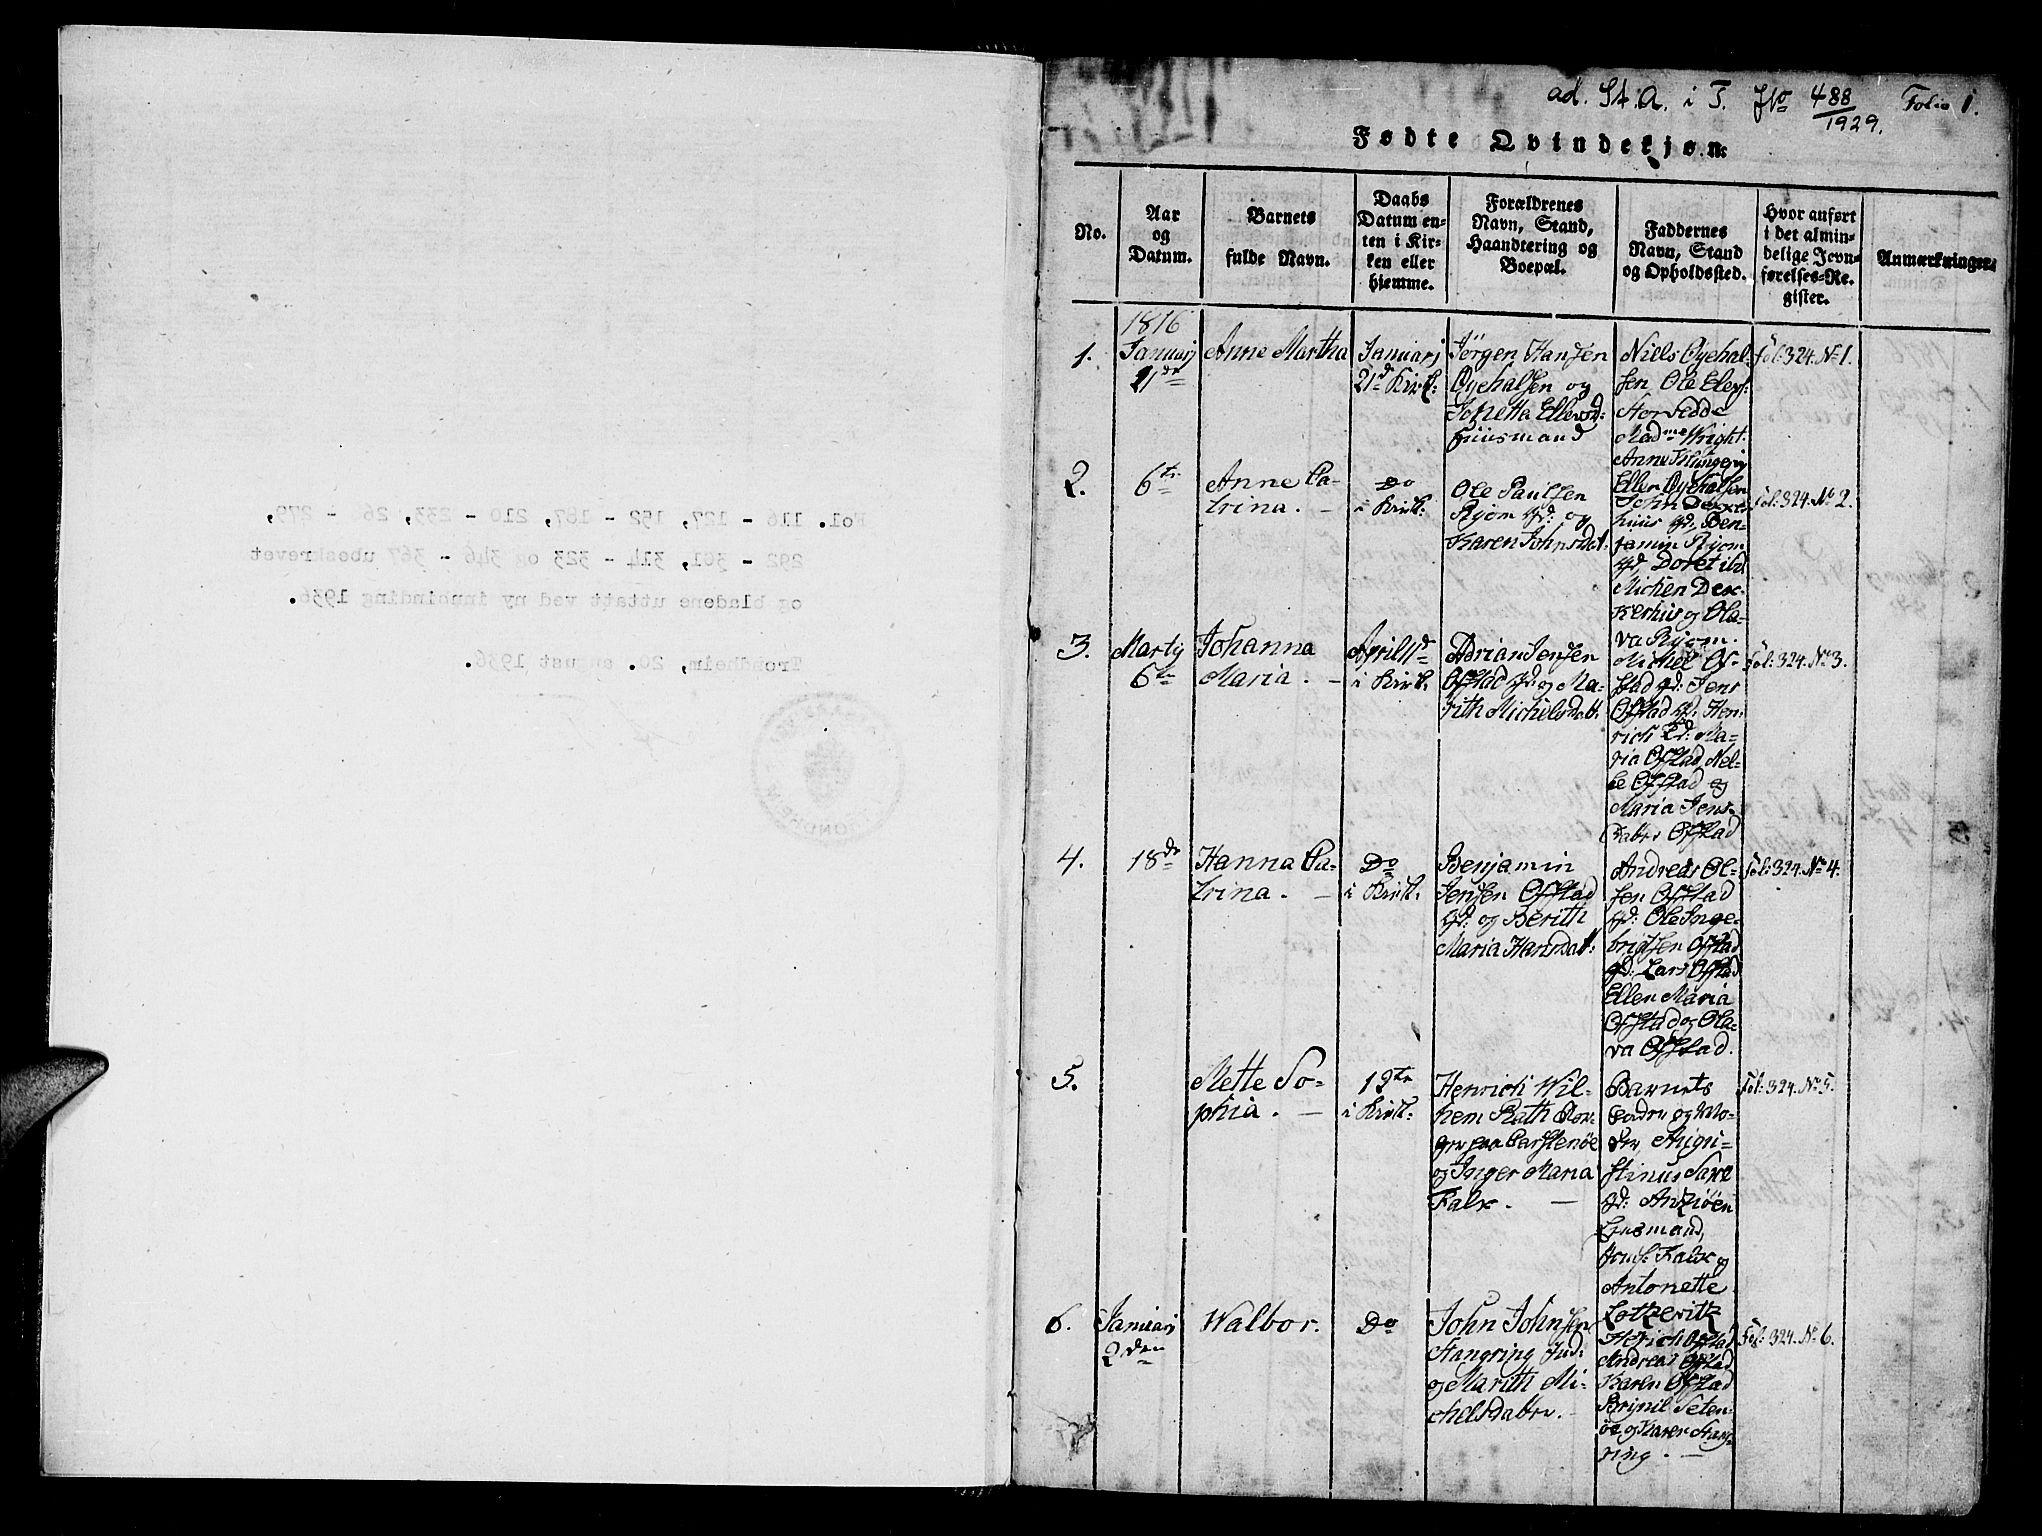 SAT, Ministerialprotokoller, klokkerbøker og fødselsregistre - Nord-Trøndelag, 784/L0667: Ministerialbok nr. 784A03 /1, 1816-1829, s. 1